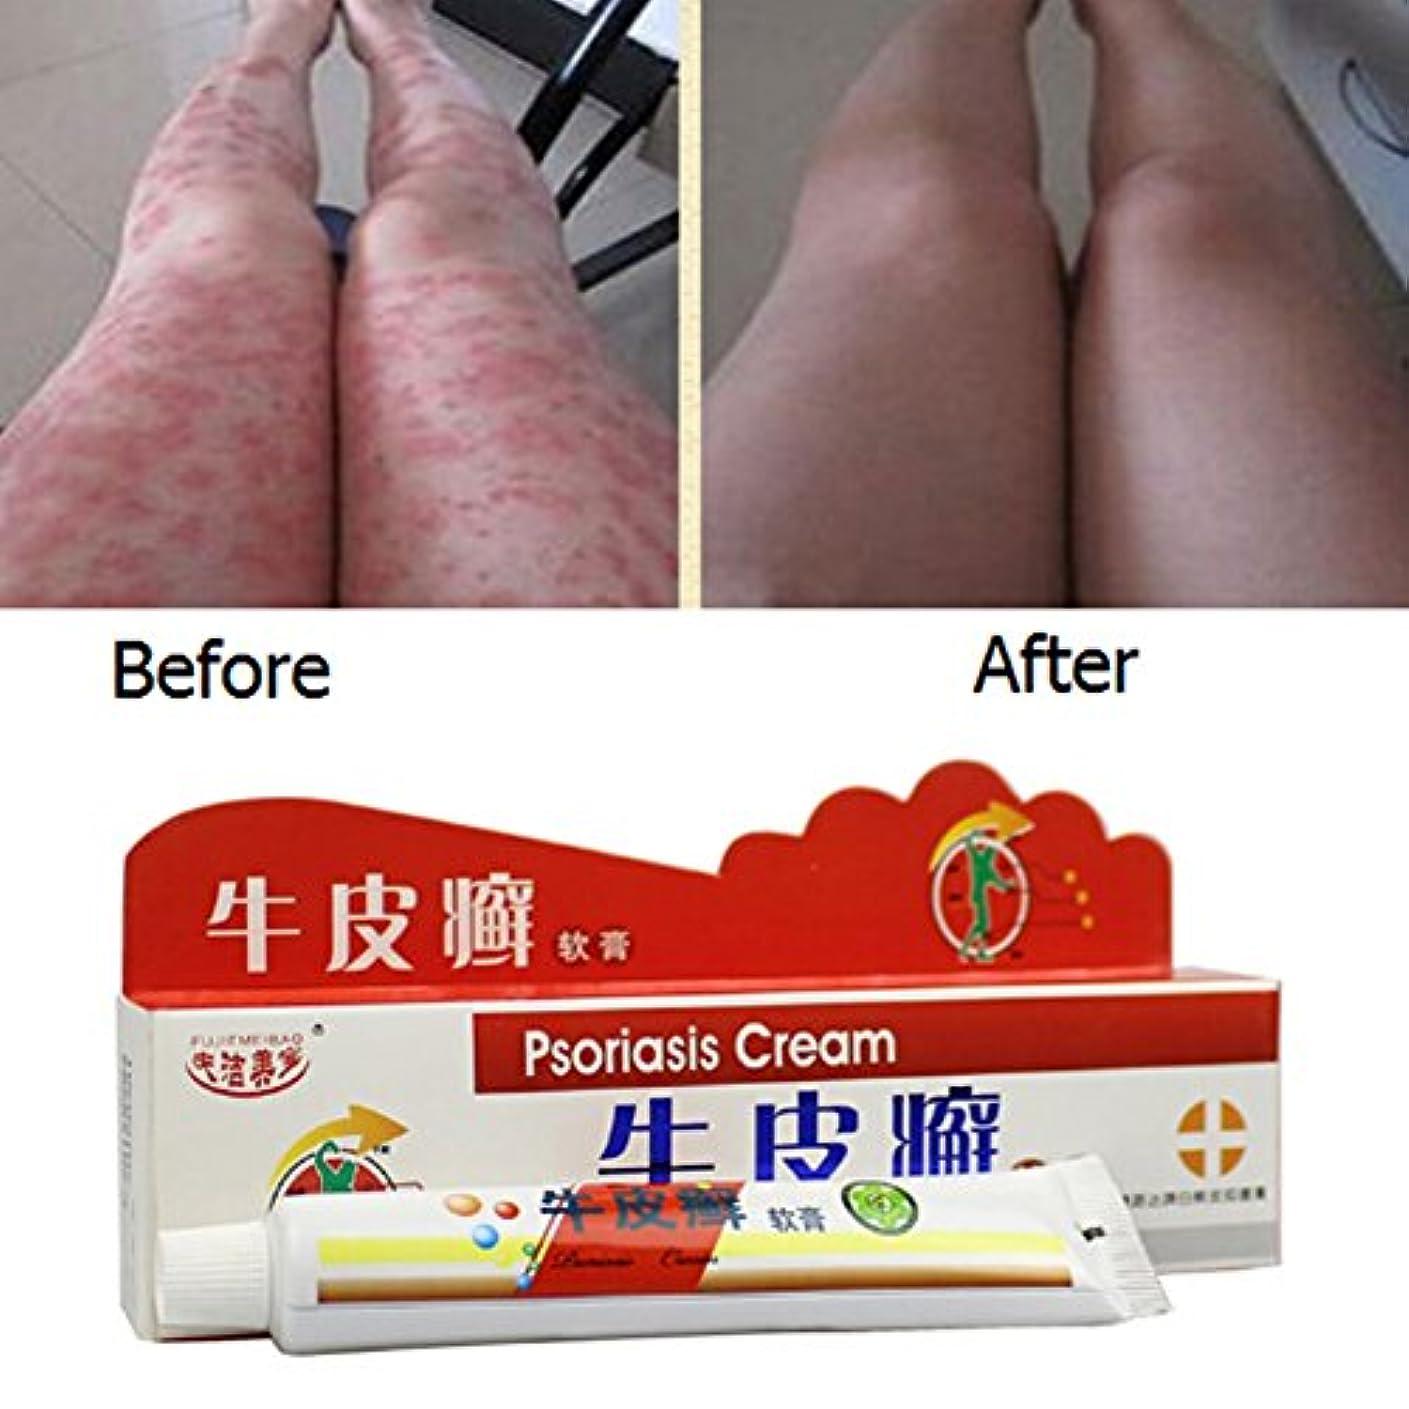 ロッド機構凍結Balai 乾癬クリーム 中国のハーブ抗菌軟膏クリーム 湿疹乾癬 治療かゆみ止めクリーム